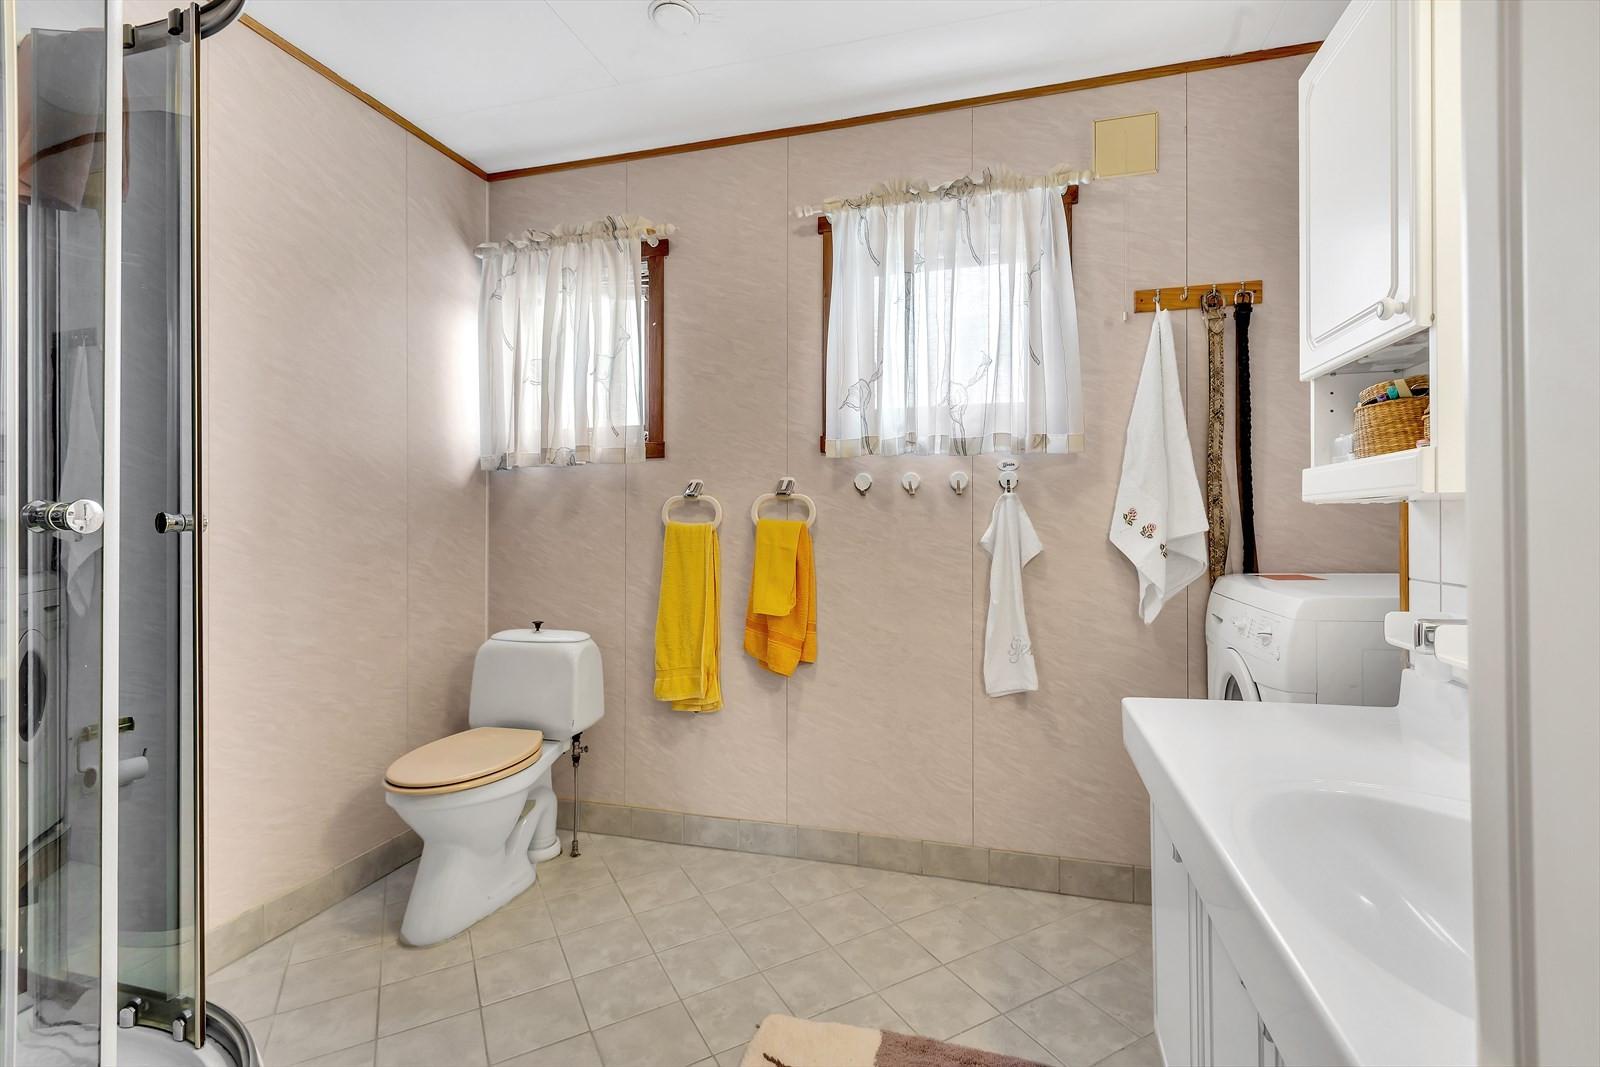 Bad med flislagt gulv